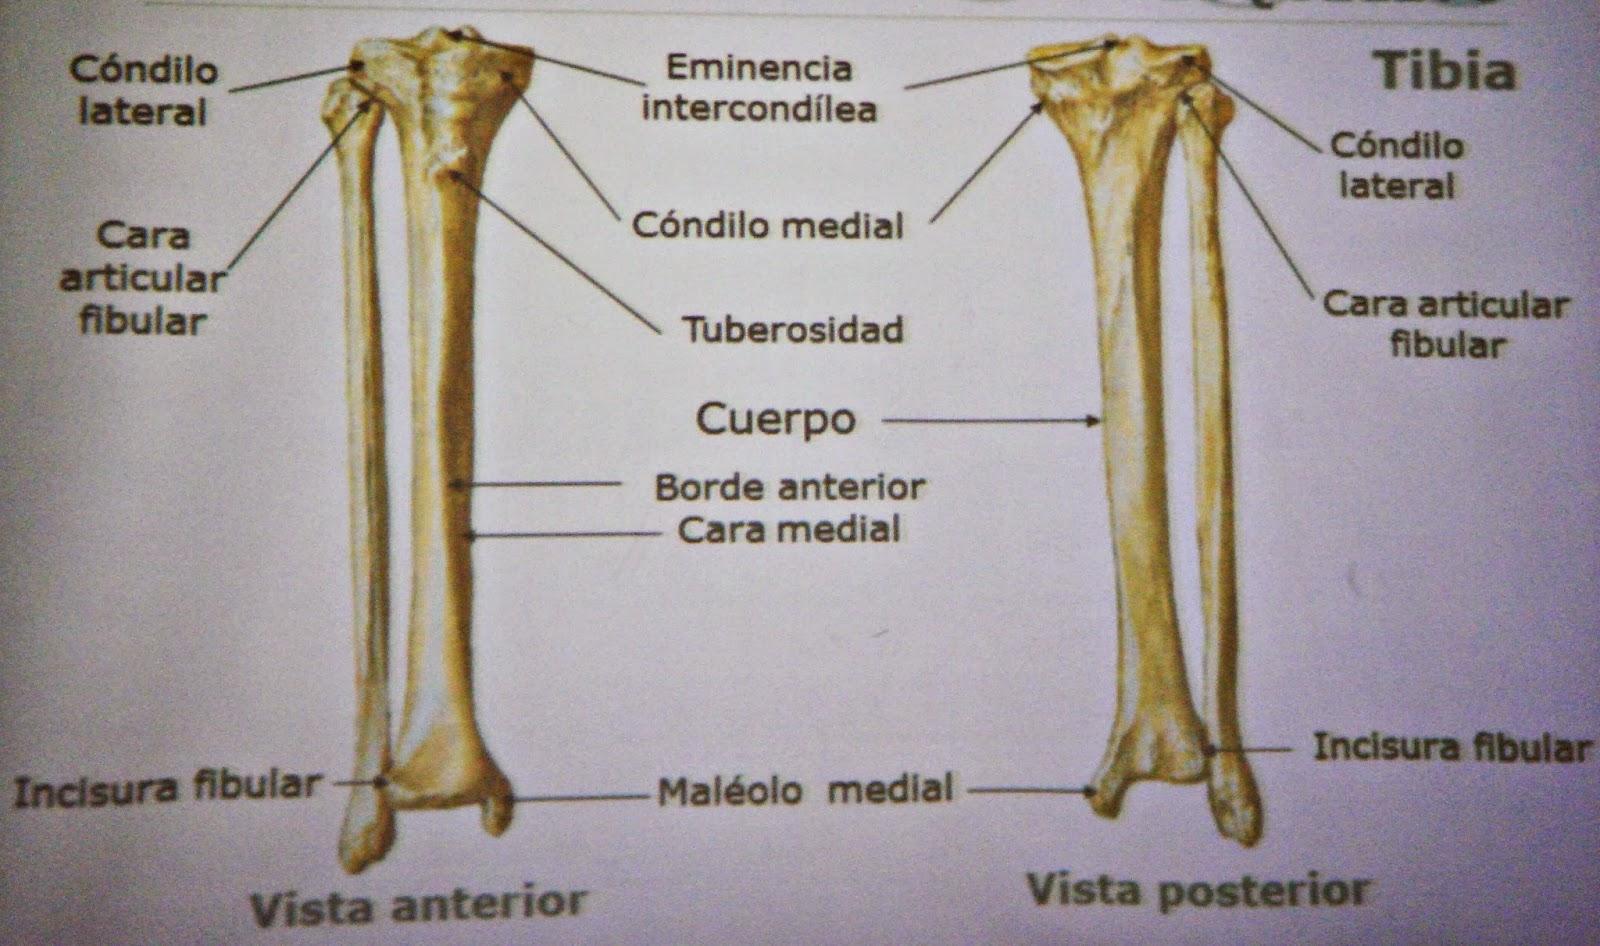 Asombroso Anatomía Hueso Cúbito Galería - Imágenes de Anatomía ...